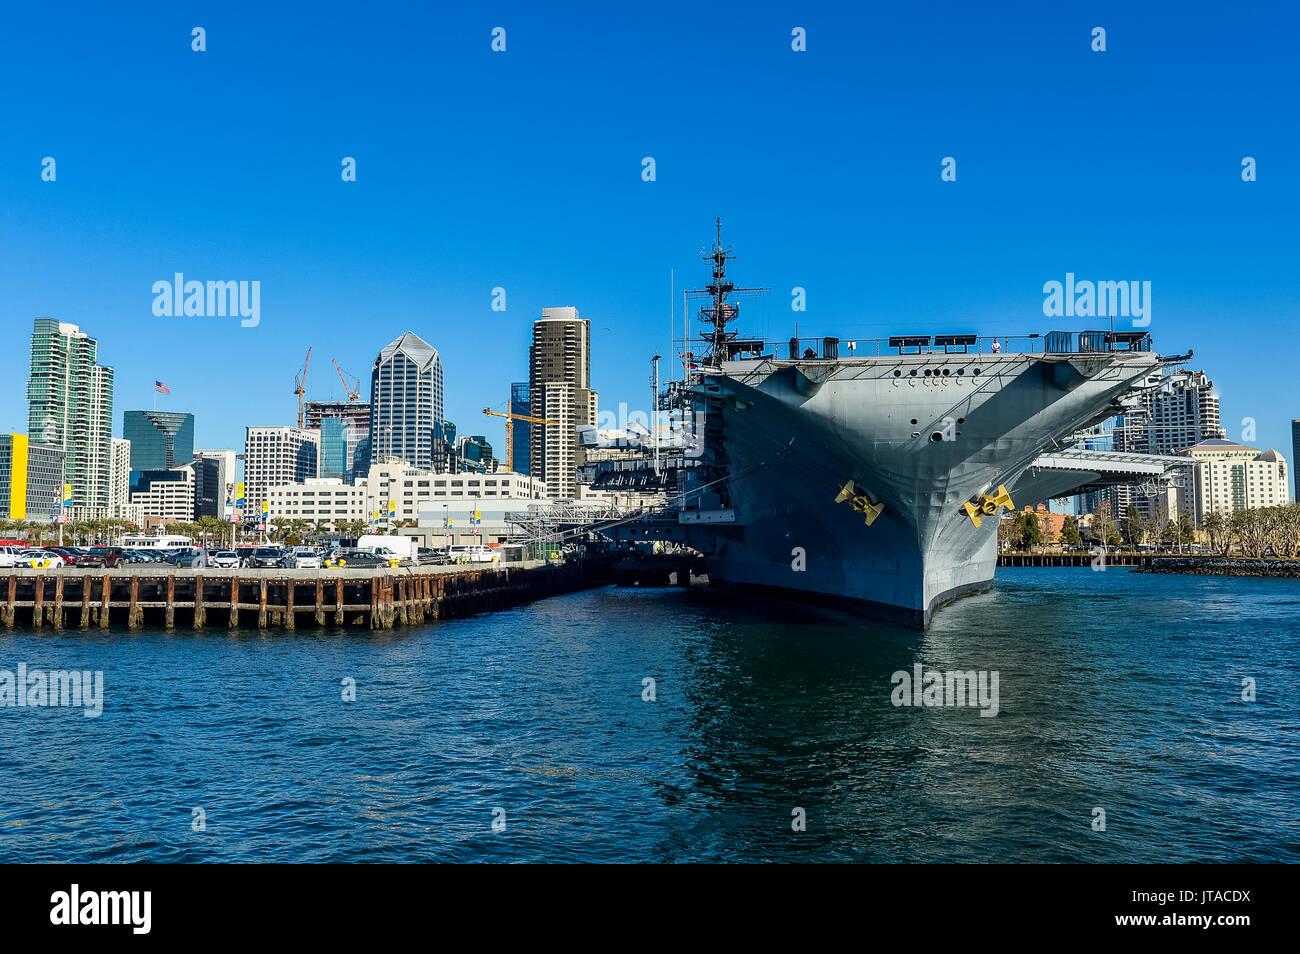 Skyline von San Diego mit USS Midway, Hafen von San Diego, Kalifornien, Vereinigte Staaten von Amerika, Nordamerika Stockbild